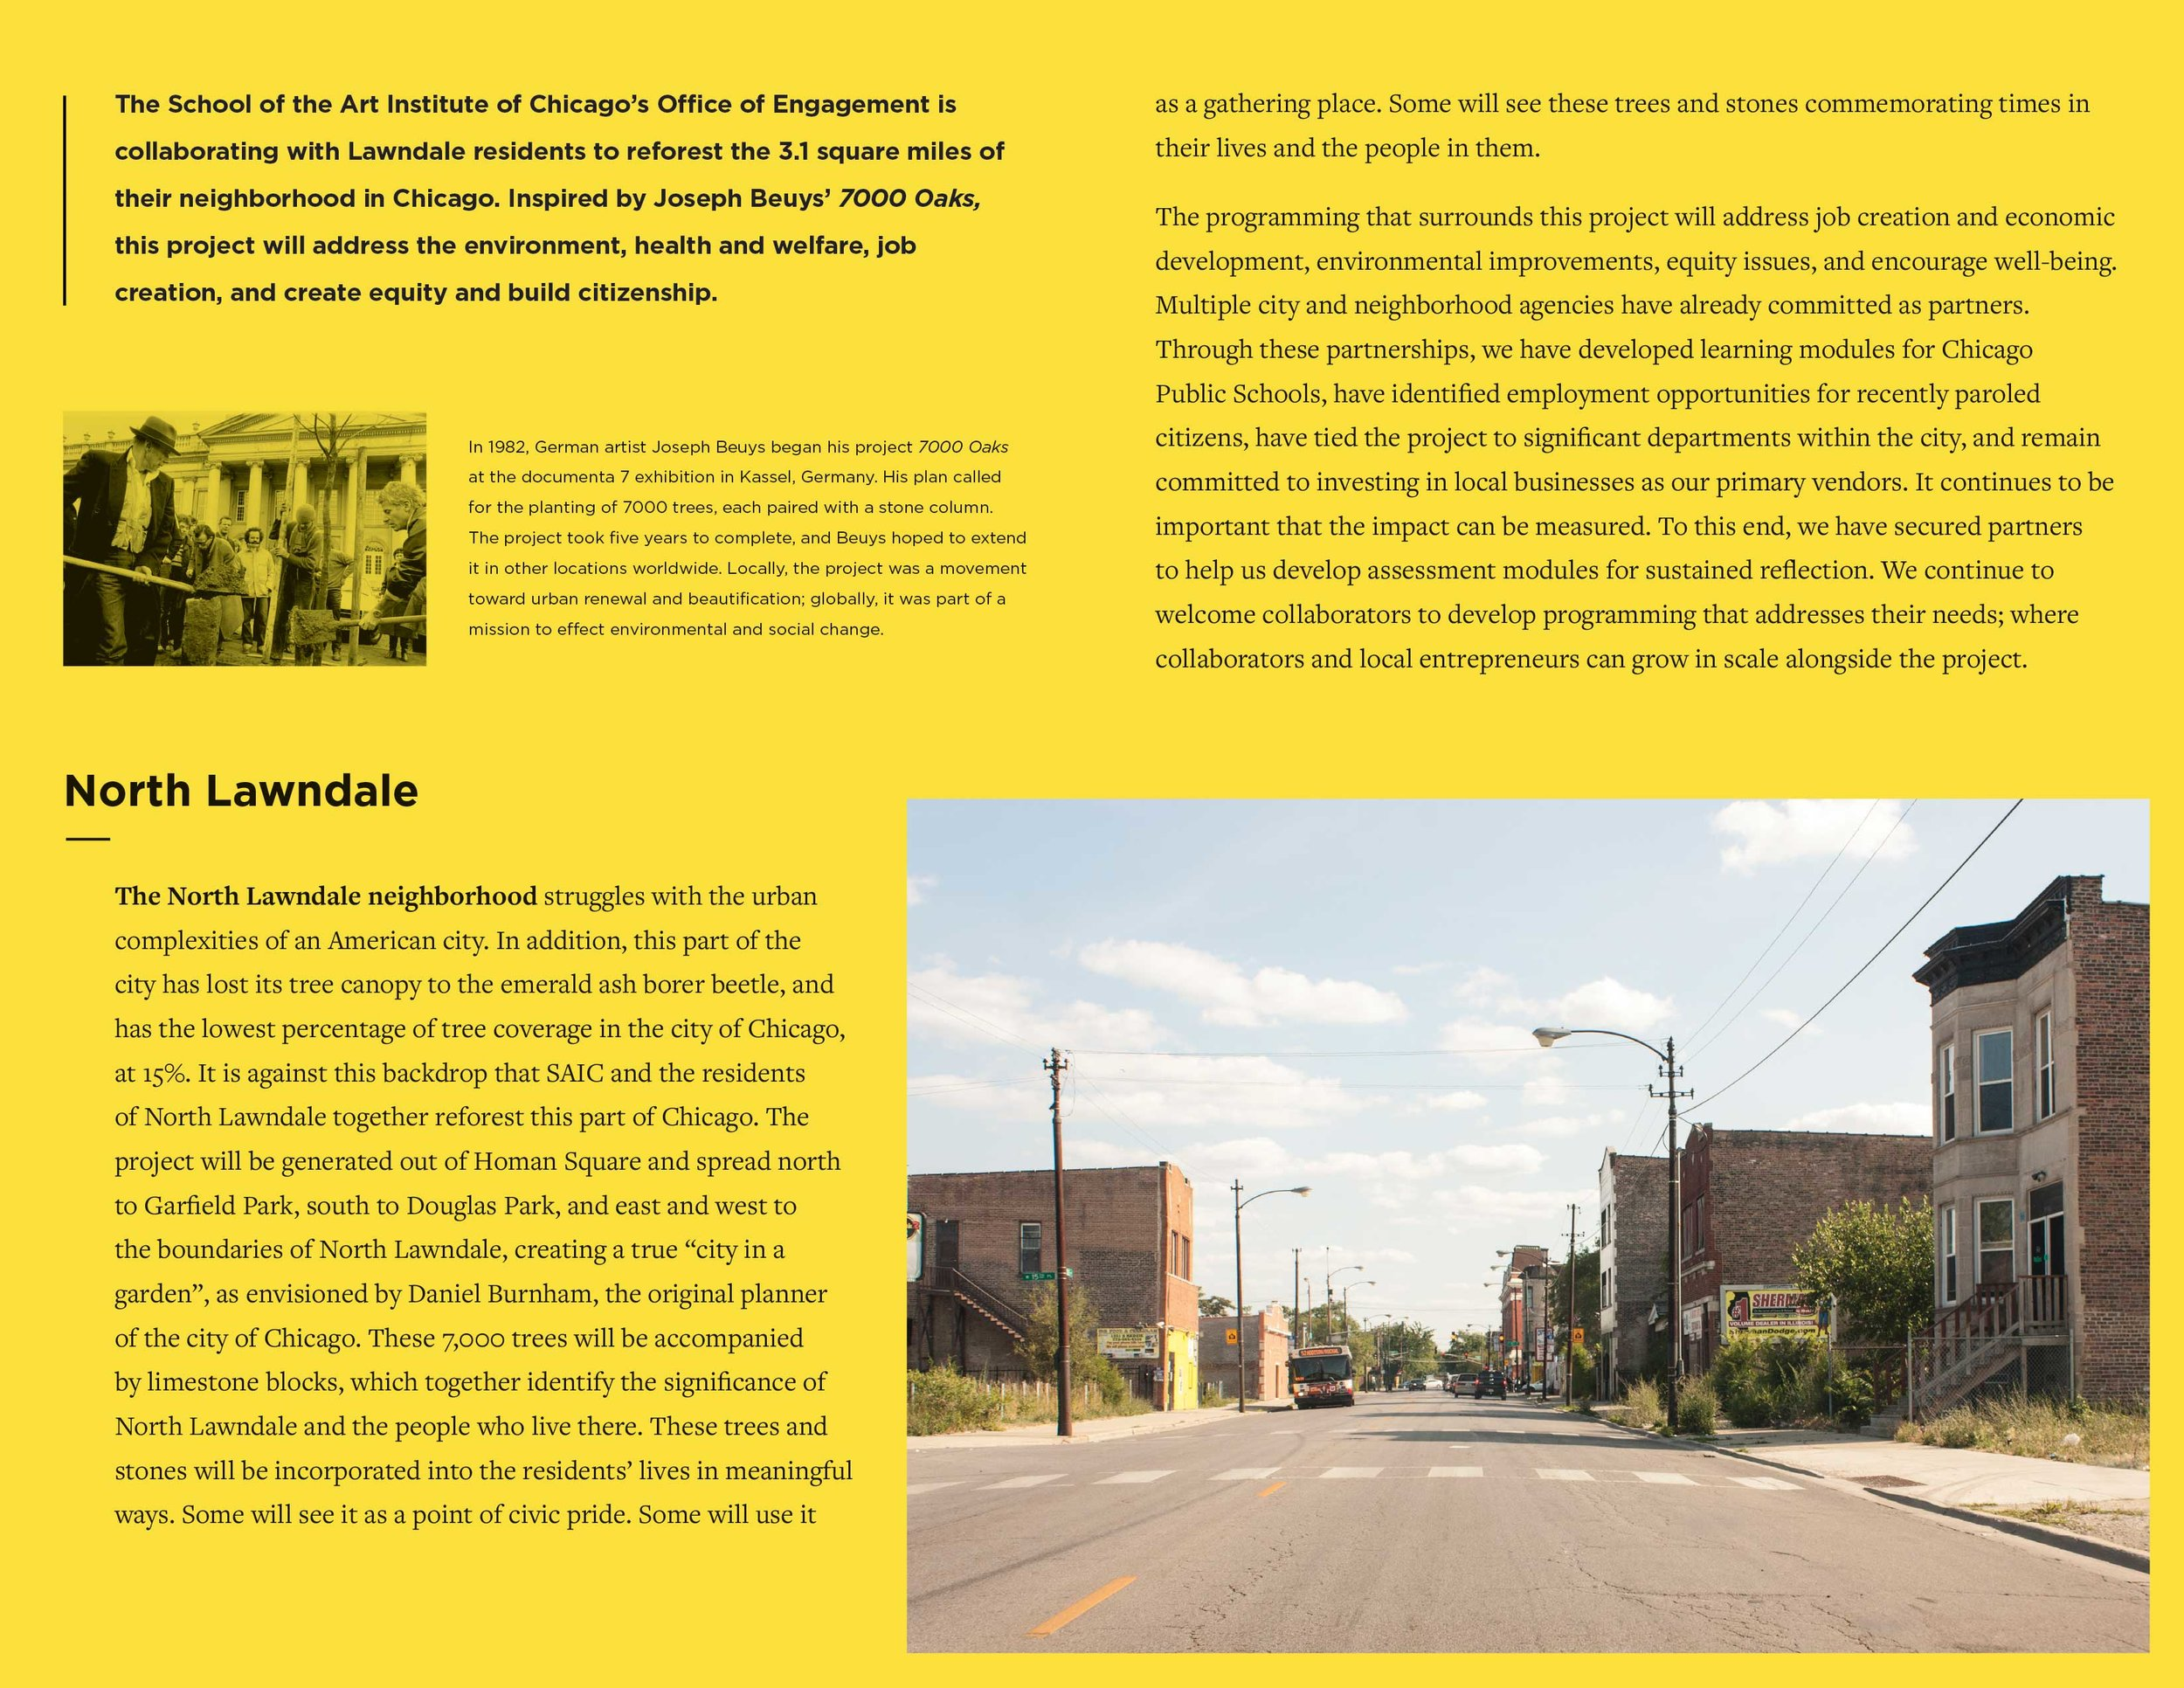 oaks-of-nl-brochure-v4-2.jpg